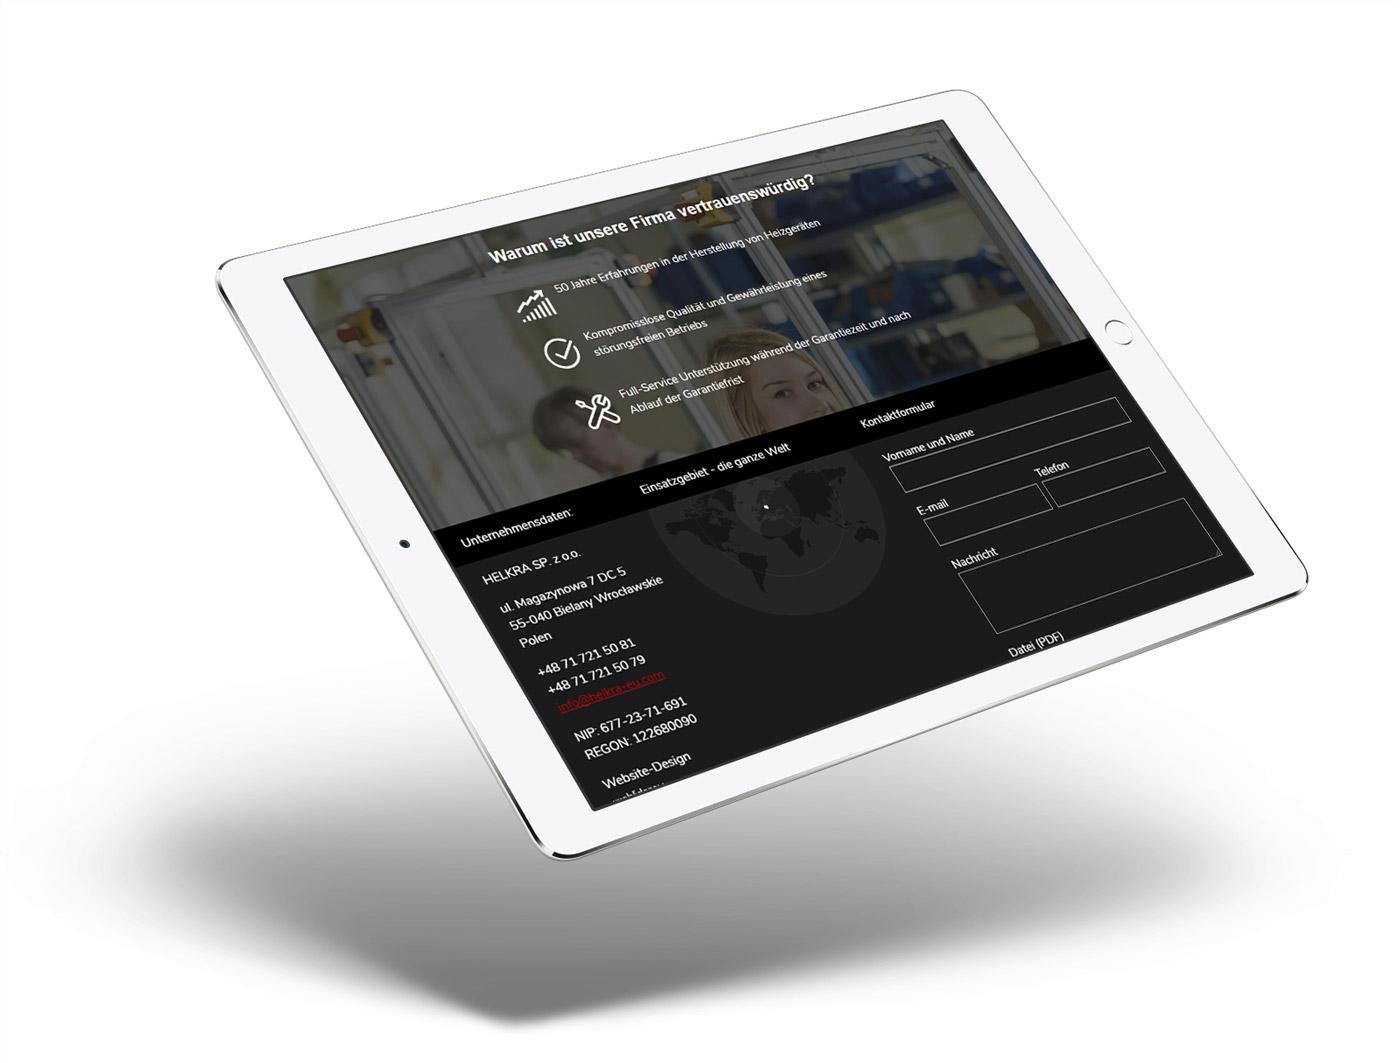 Helkra - wizualizacja nowoczesnej strony internetowej na tablecie